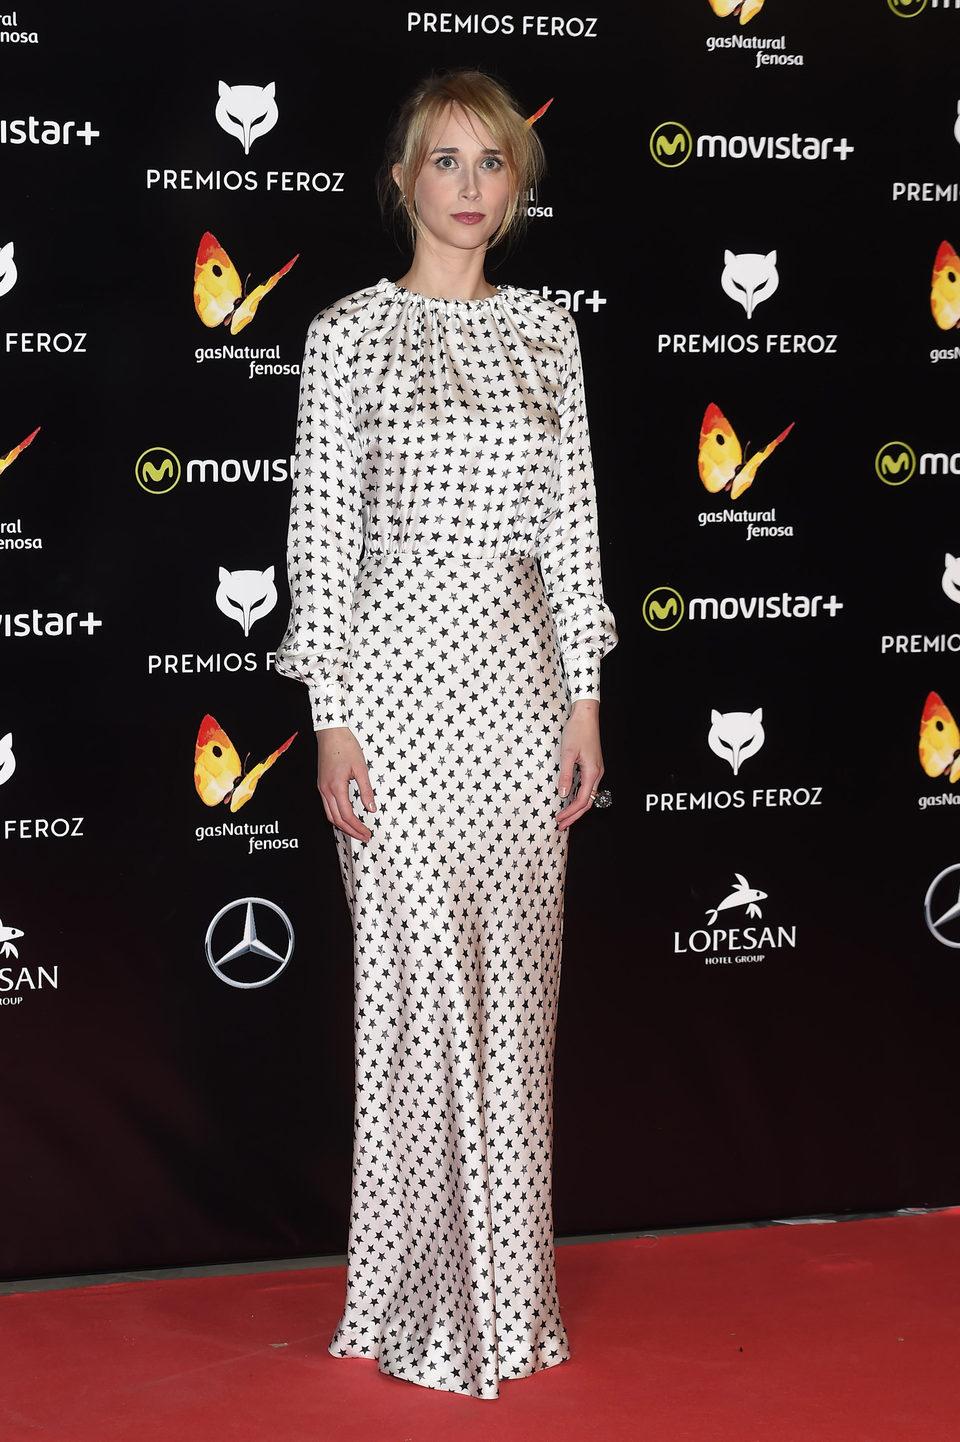 Ingrid García Jonsson en la Alfombra Roja de los Premios Feroz 2016